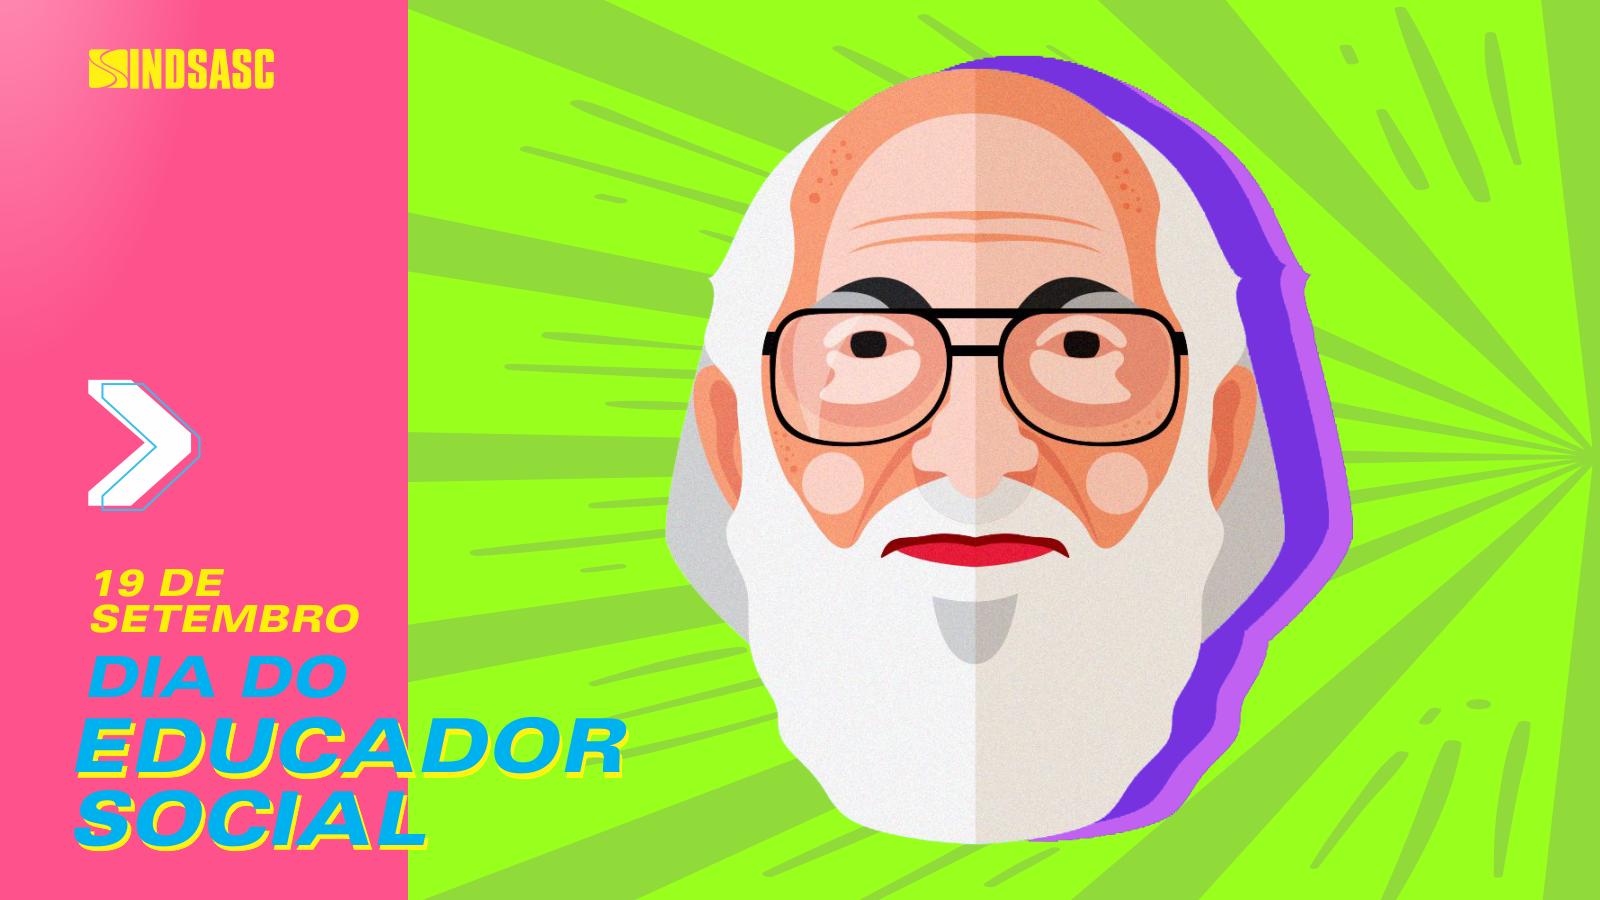 19 de setembro - Viva os educadores sociais e o legado de Paulo Freire!